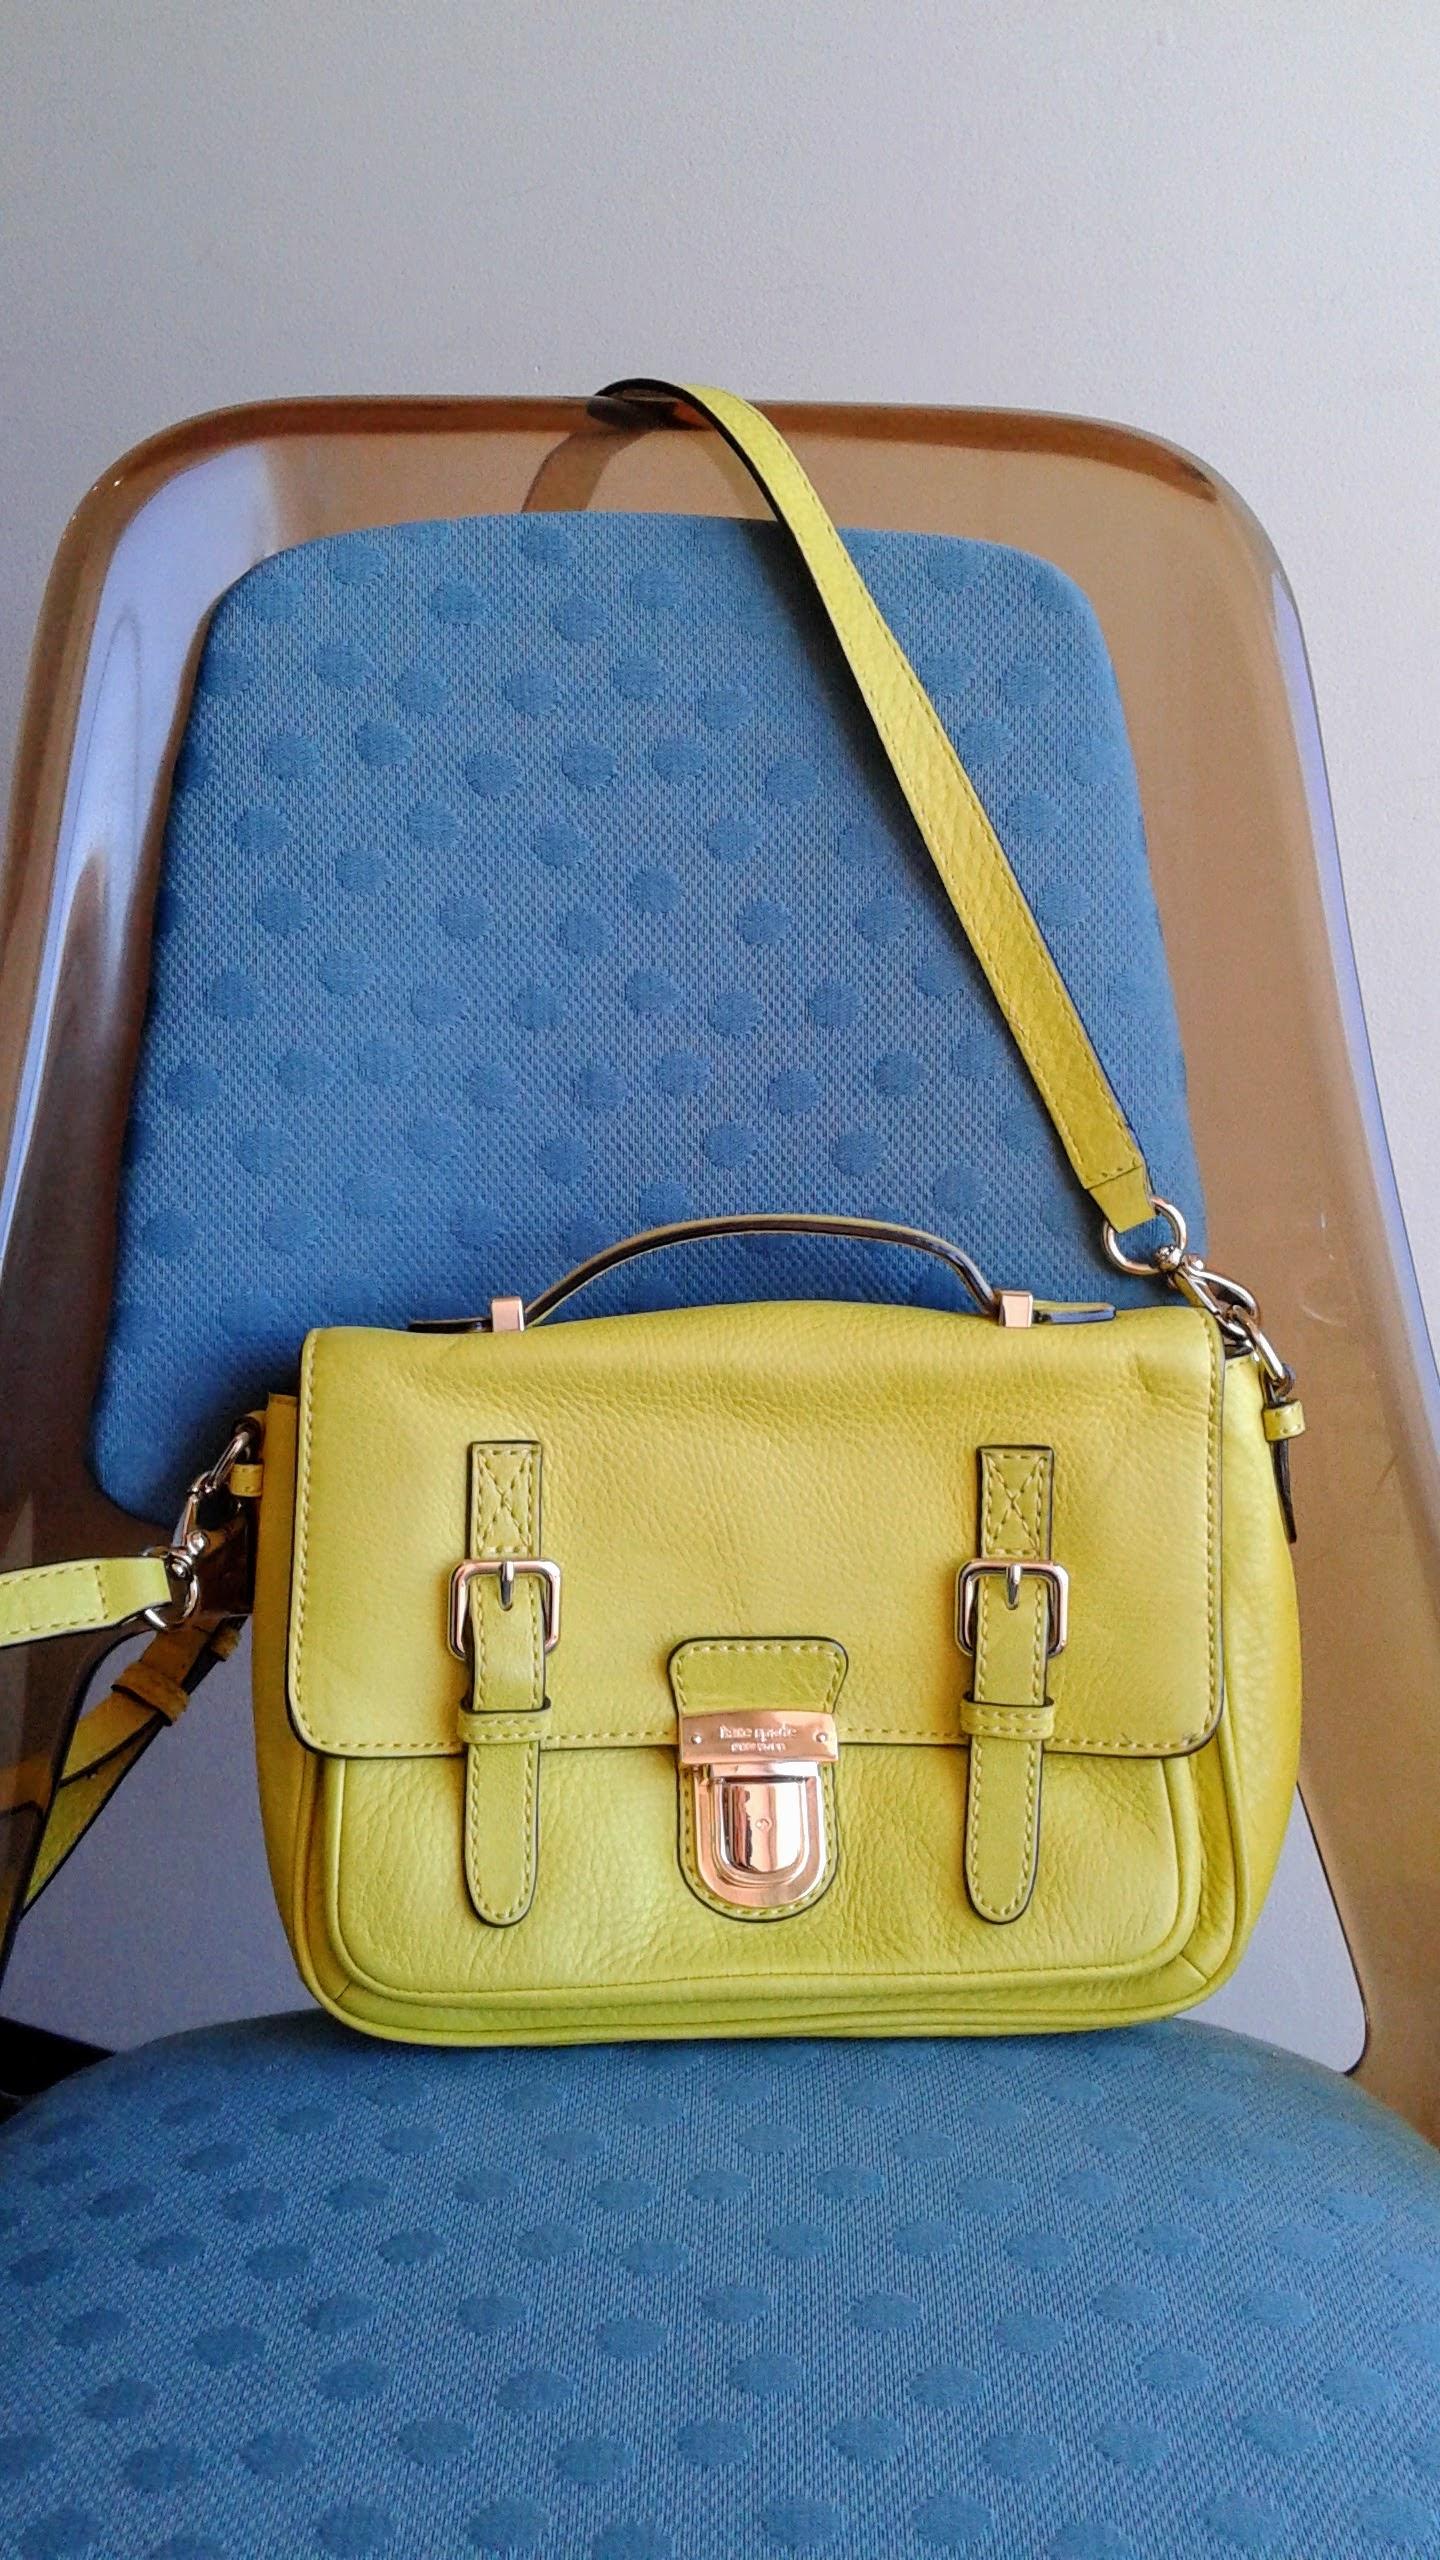 Kate Spade satchel; $130